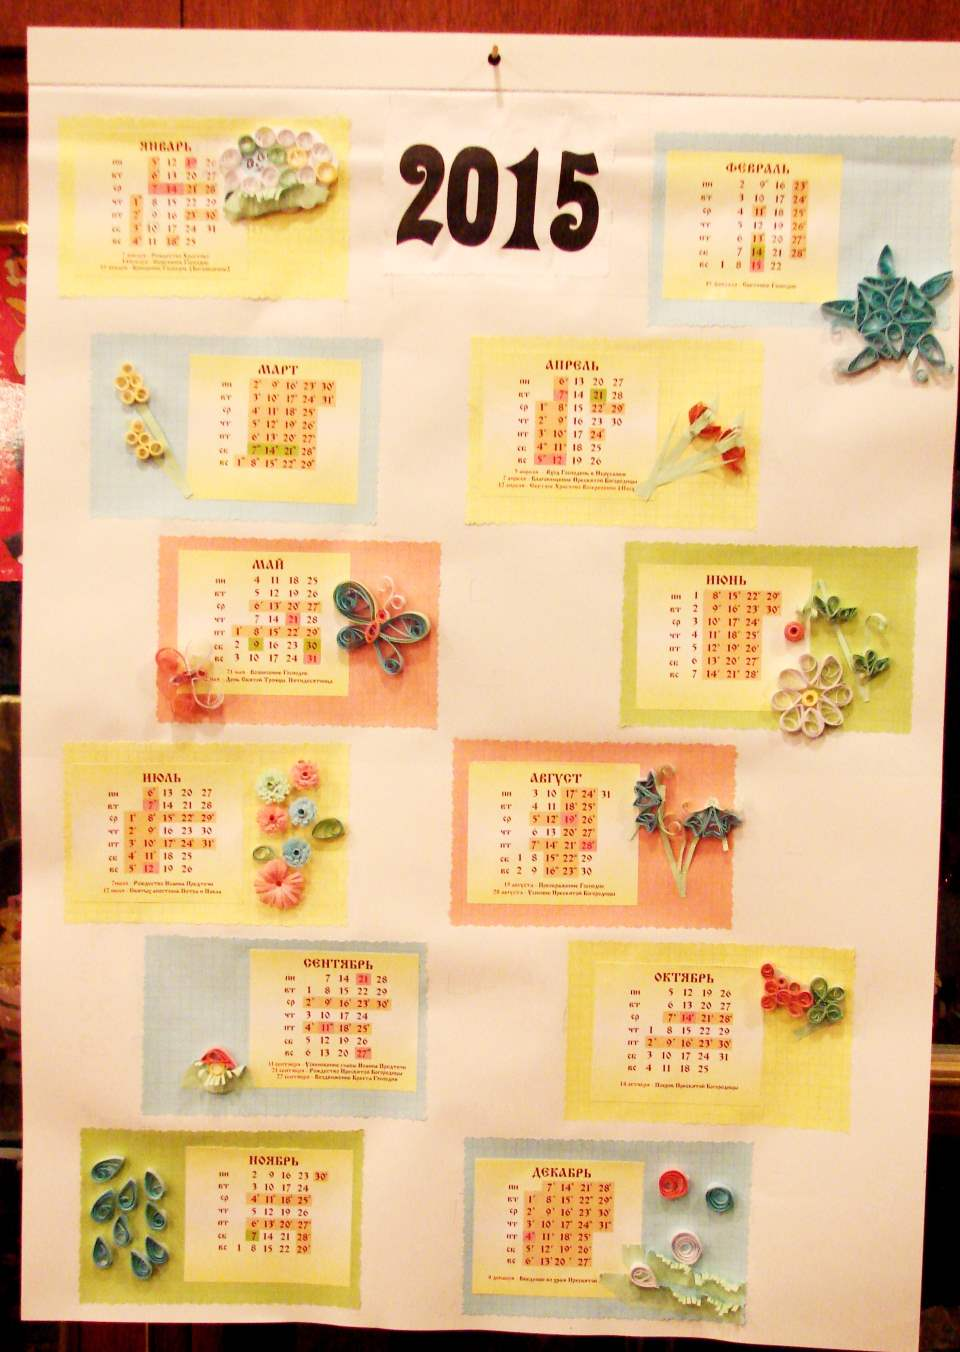 Сделать календарь на год своими руками